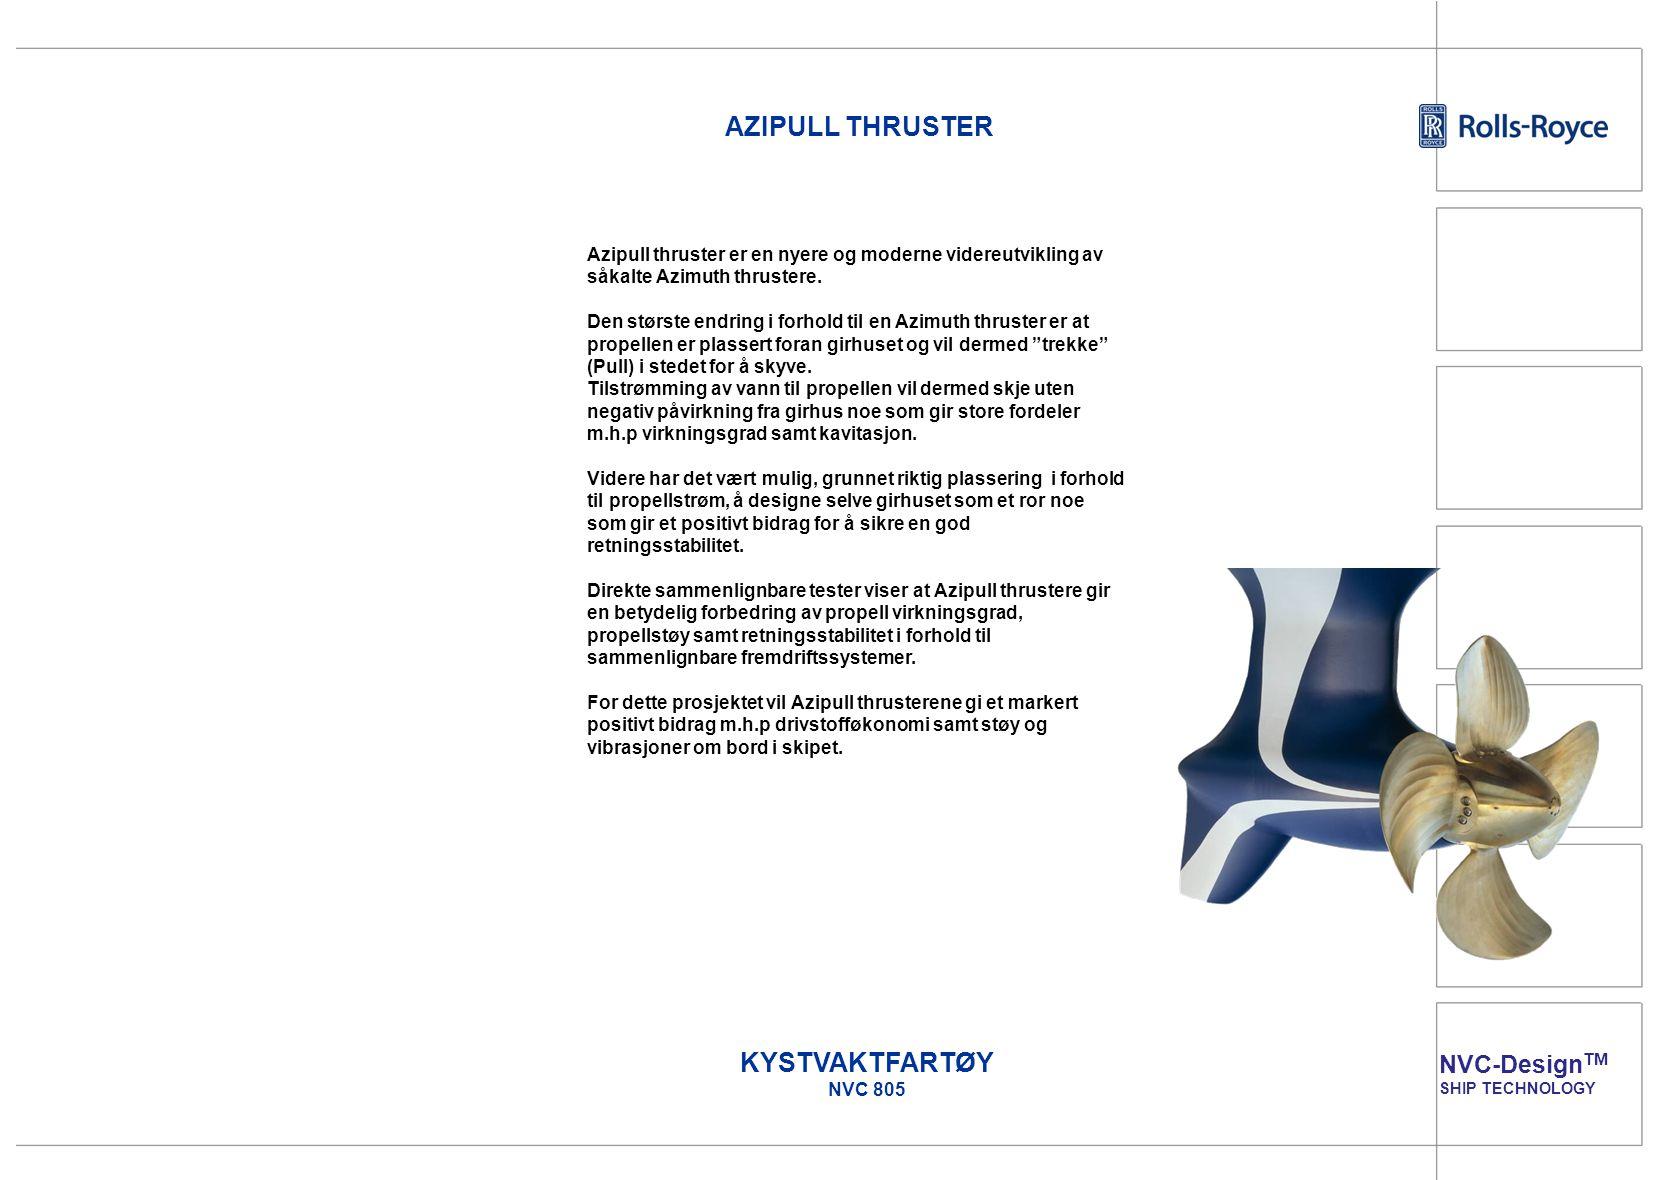 AZIPULL THRUSTER KYSTVAKTFARTØY NVC 805 NVC-DesignTM